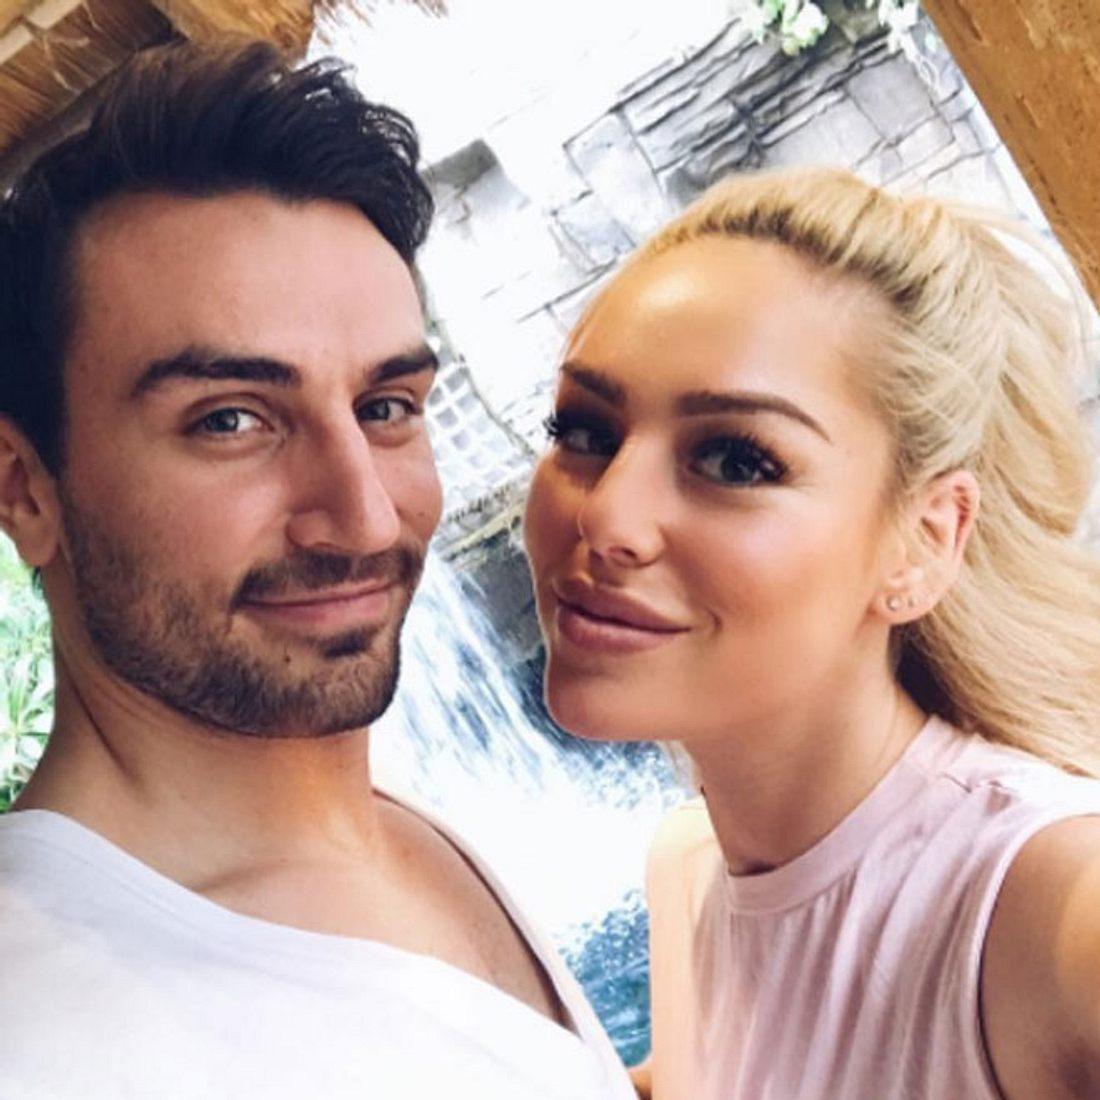 Samantha Abdul und Oleg Justus erwarten ein Kind